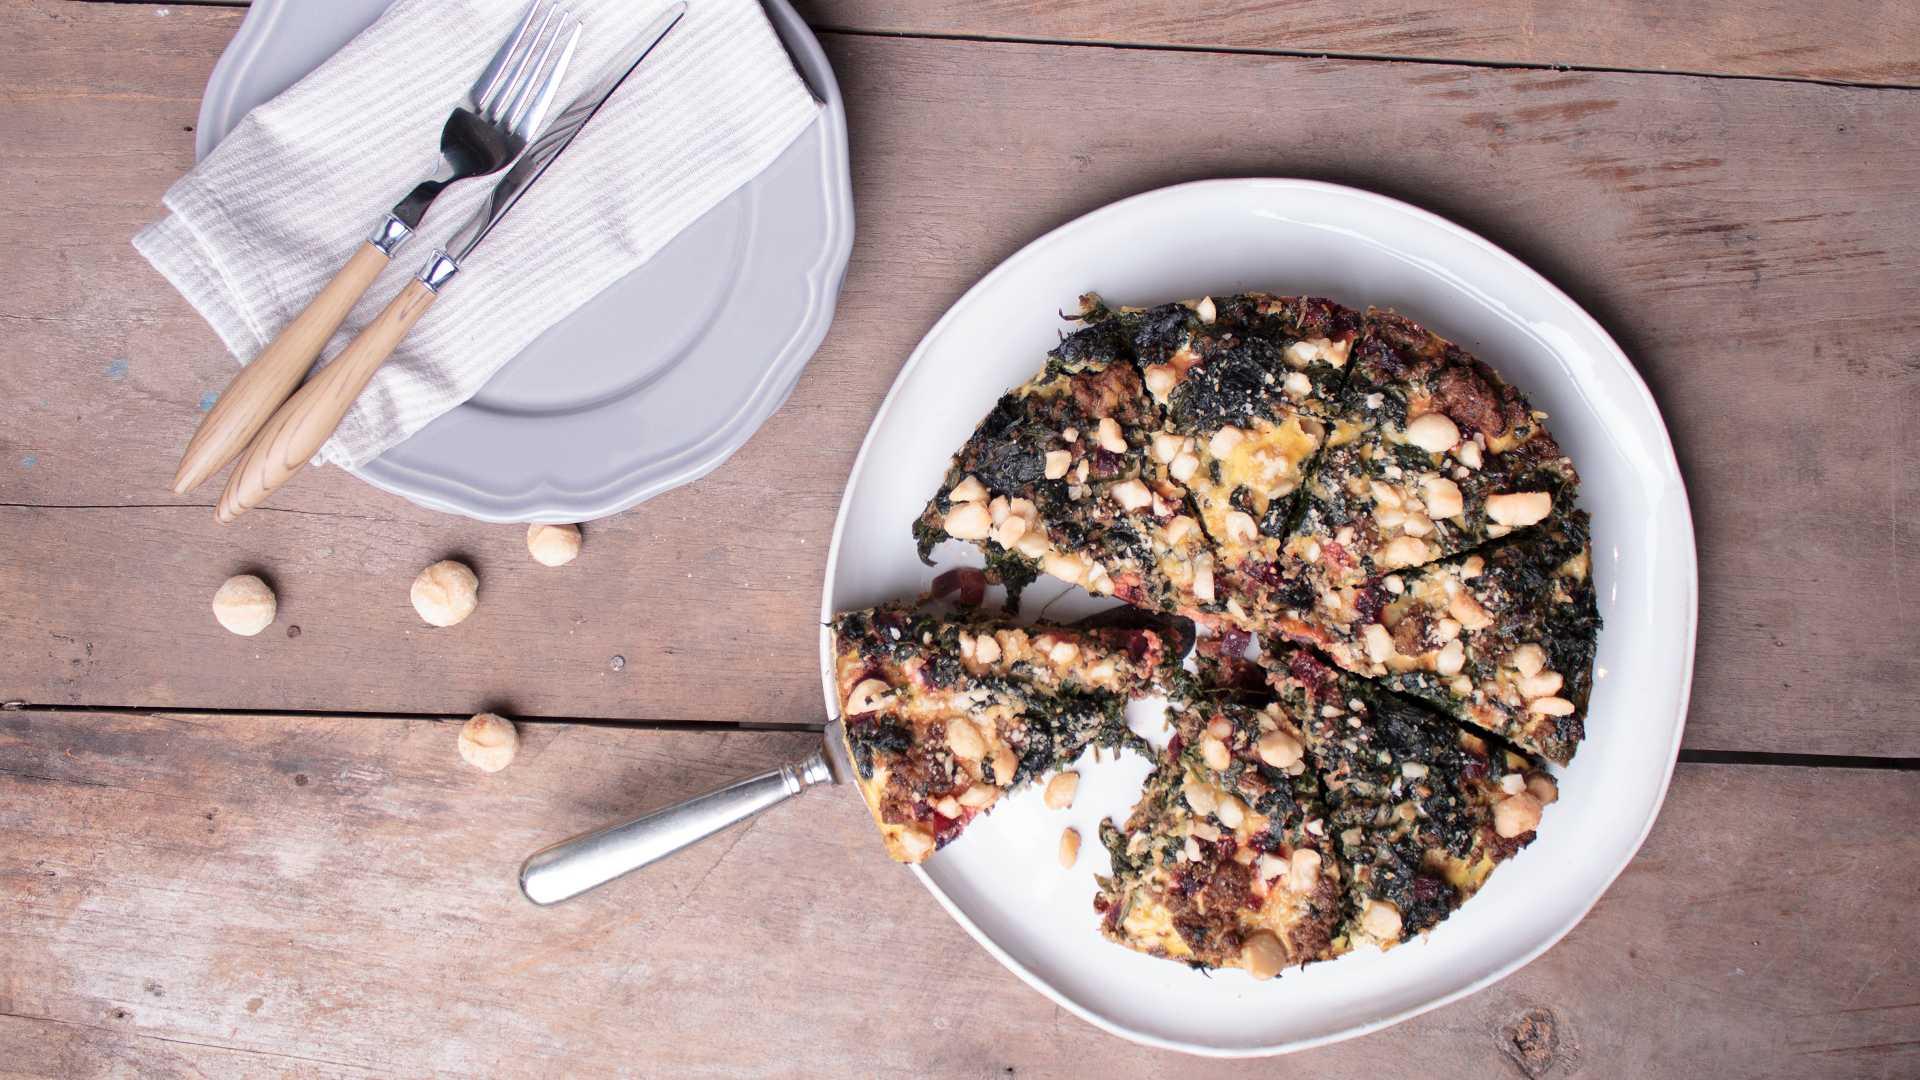 Eine bodenlose Gemüse-Hackfleisch-Quiche liegt angeschnitten auf einem Teller